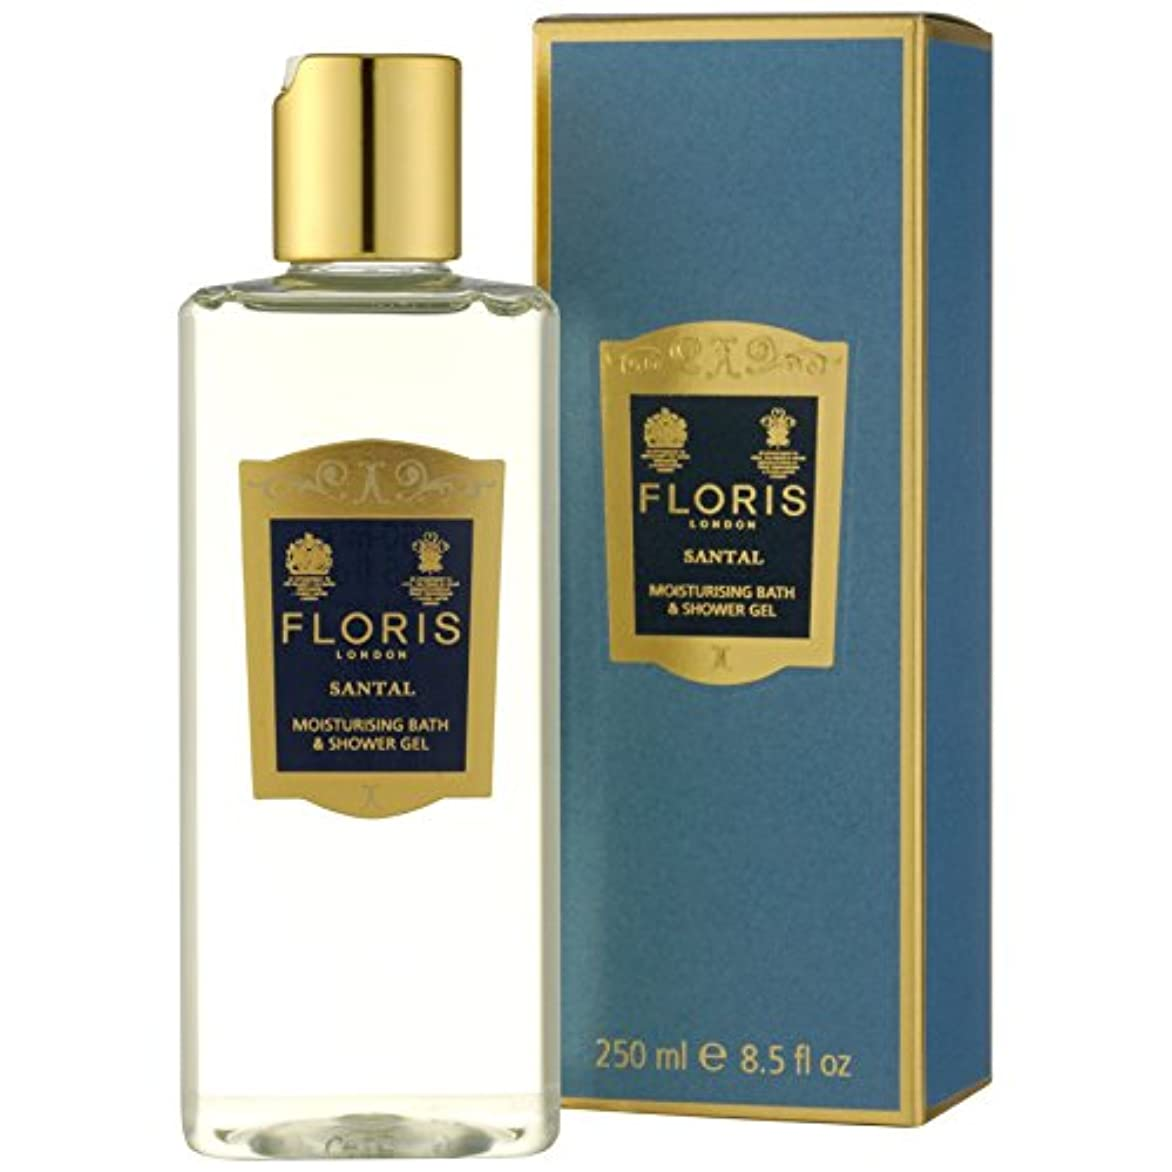 ハブ定期的簡単に[Floris ] フロリスサンタルシャワージェル250ミリリットル - Floris Santal Shower Gel 250ml [並行輸入品]